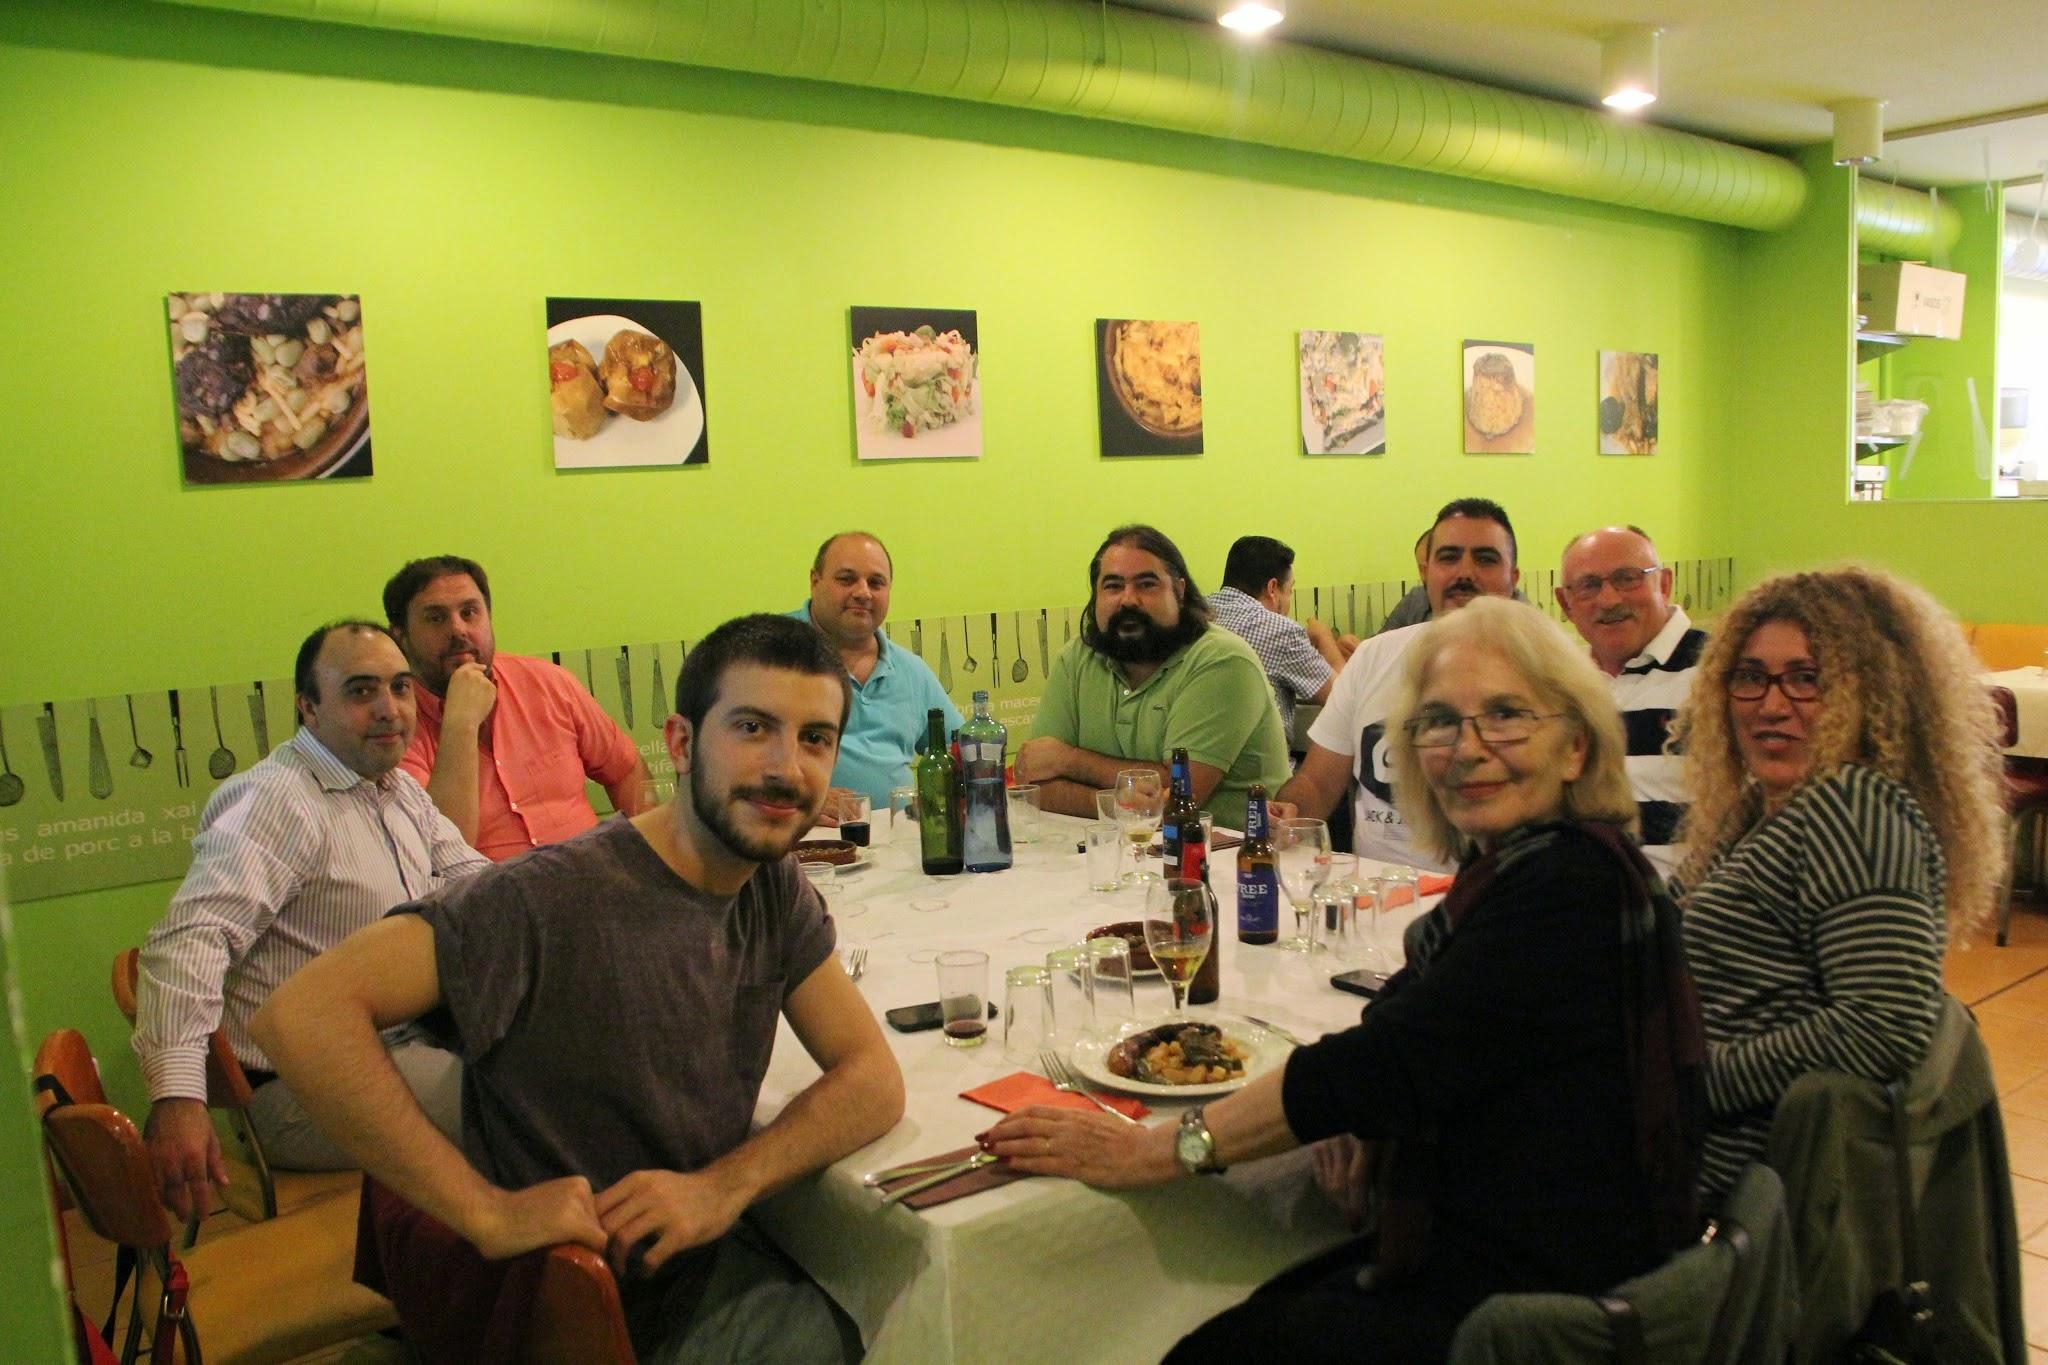 Visita d'Eugenia Parejo a SVH